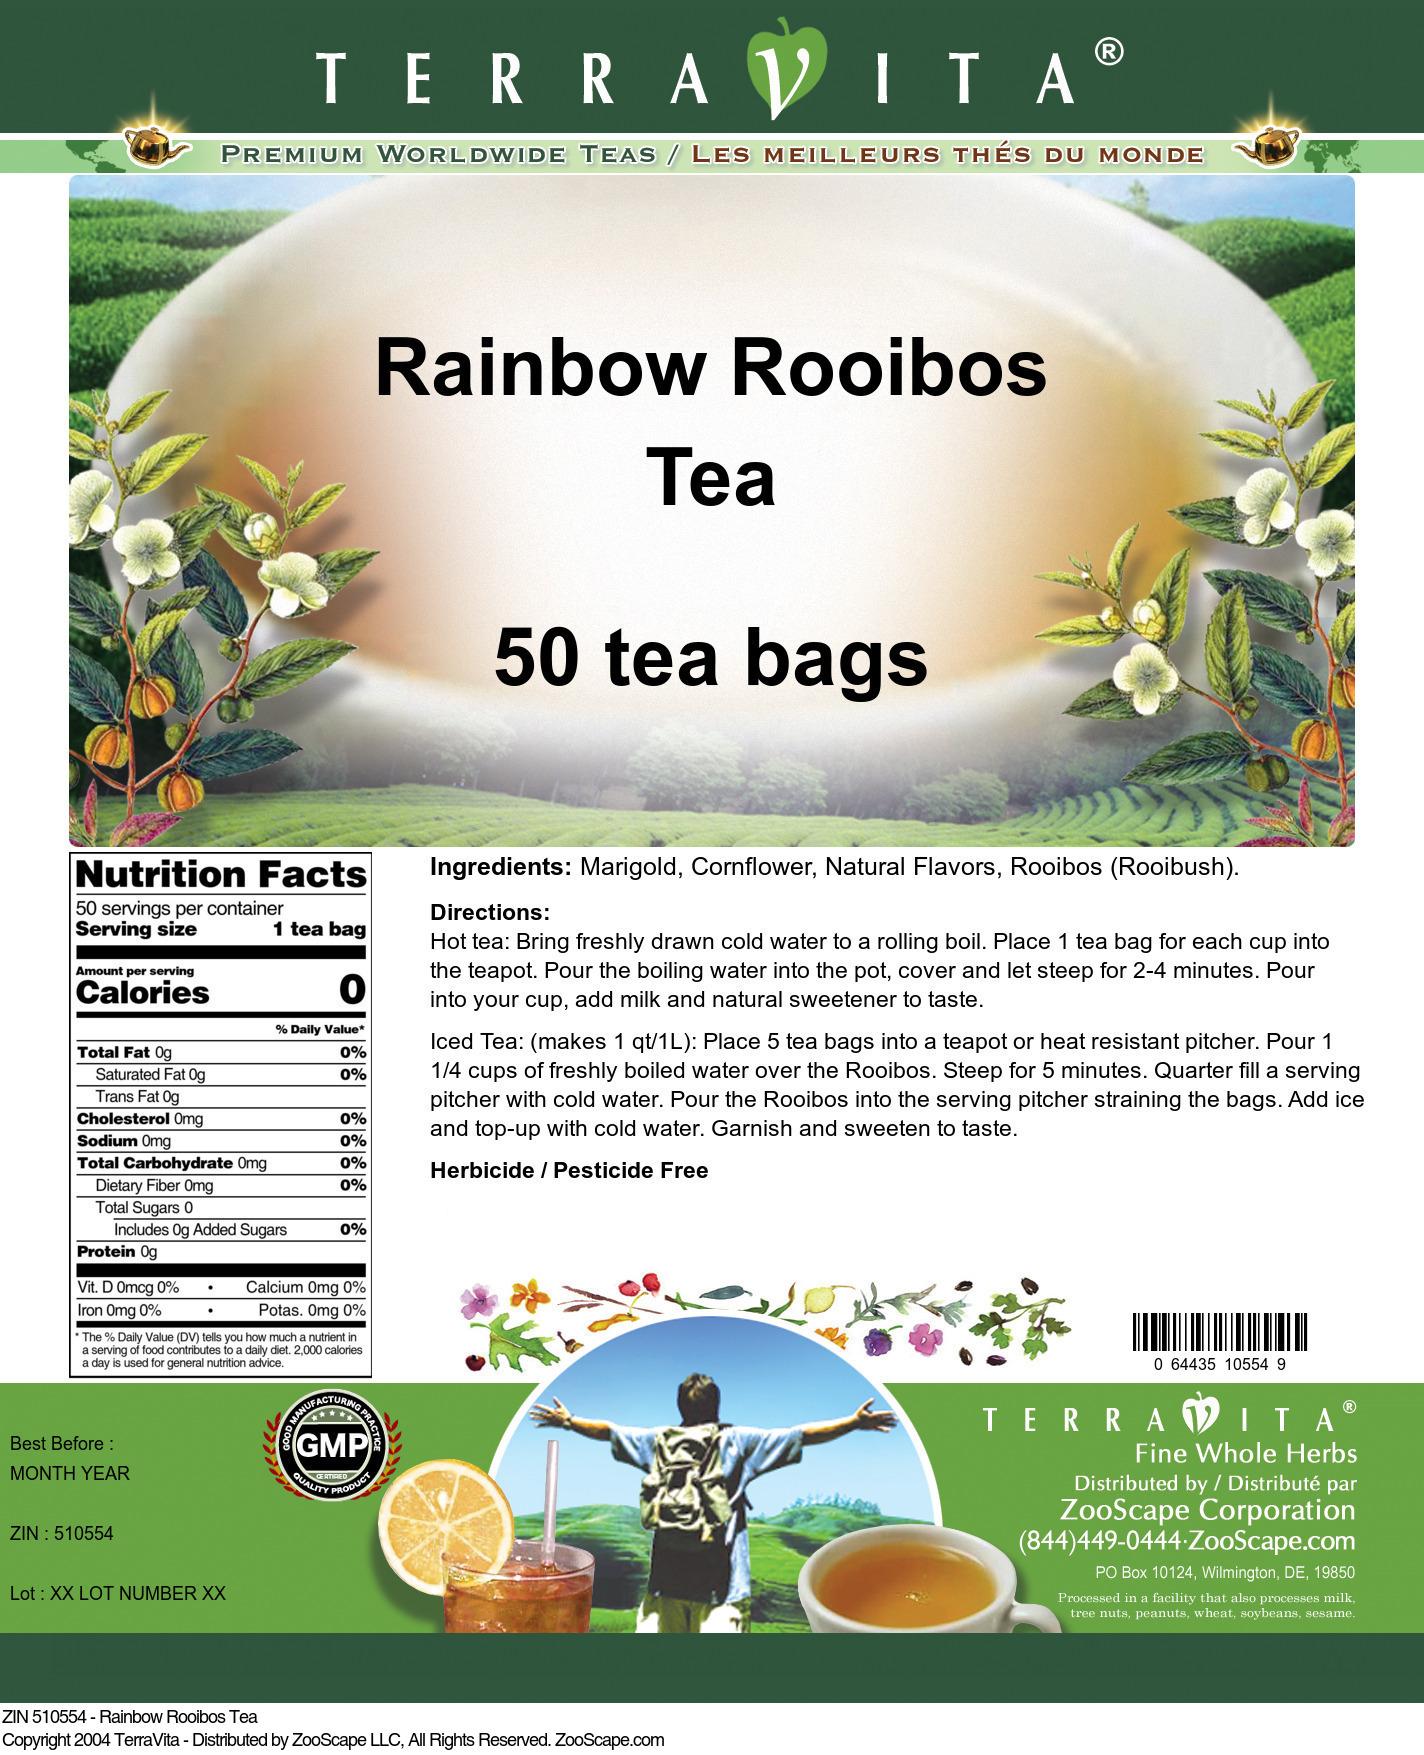 Rainbow Rooibos Tea